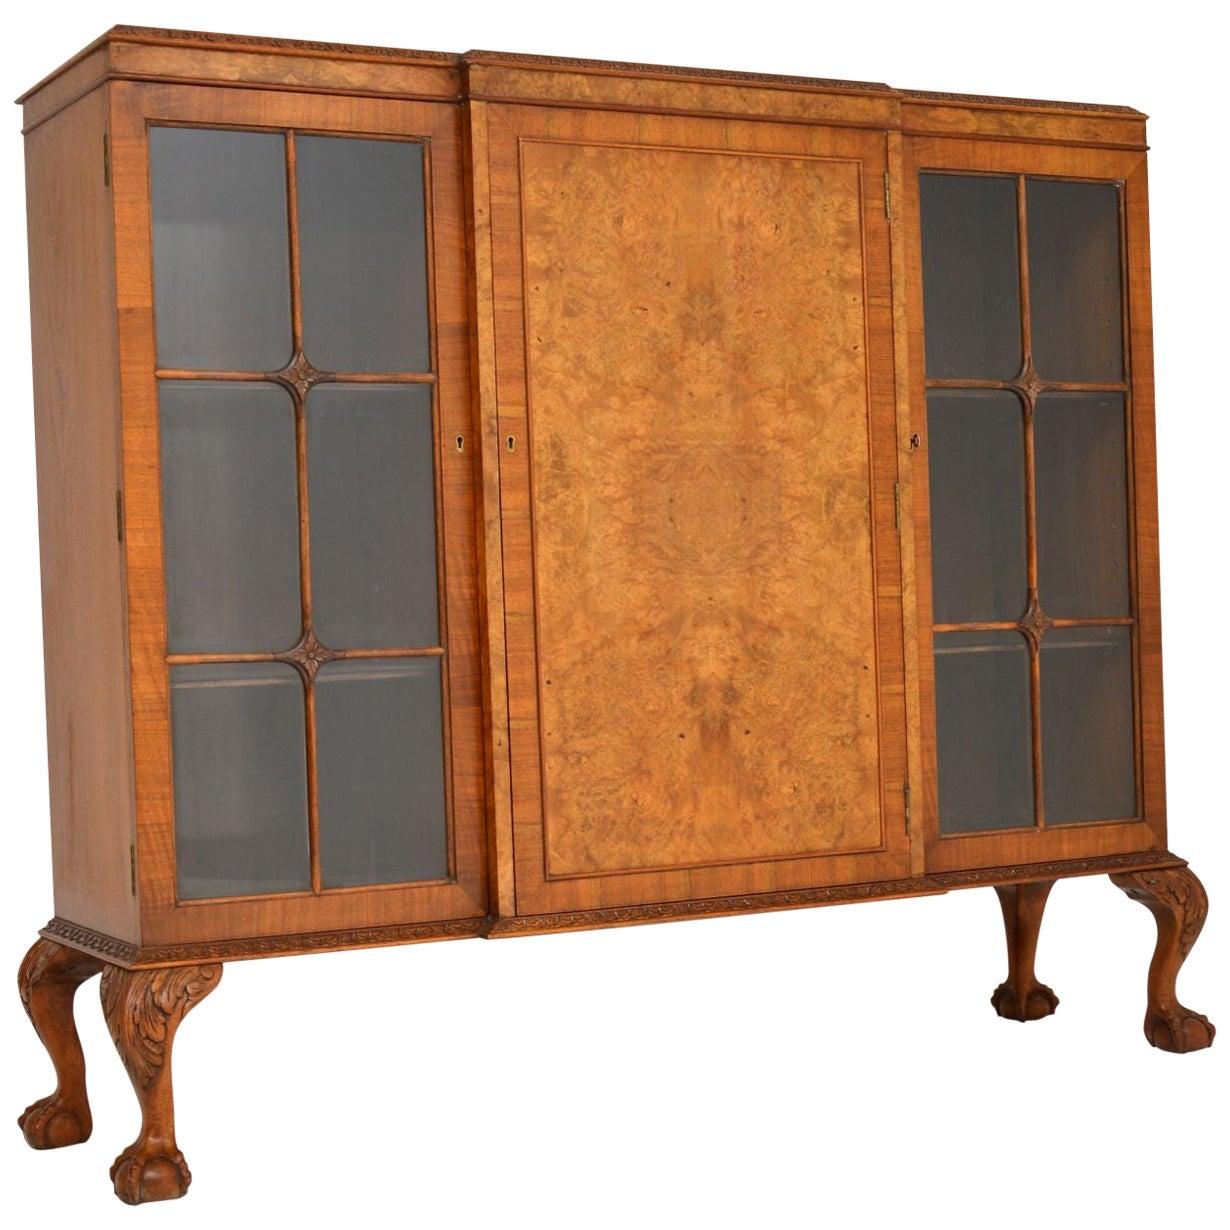 Antique Queen Anne Style Burr Walnut Bookcase